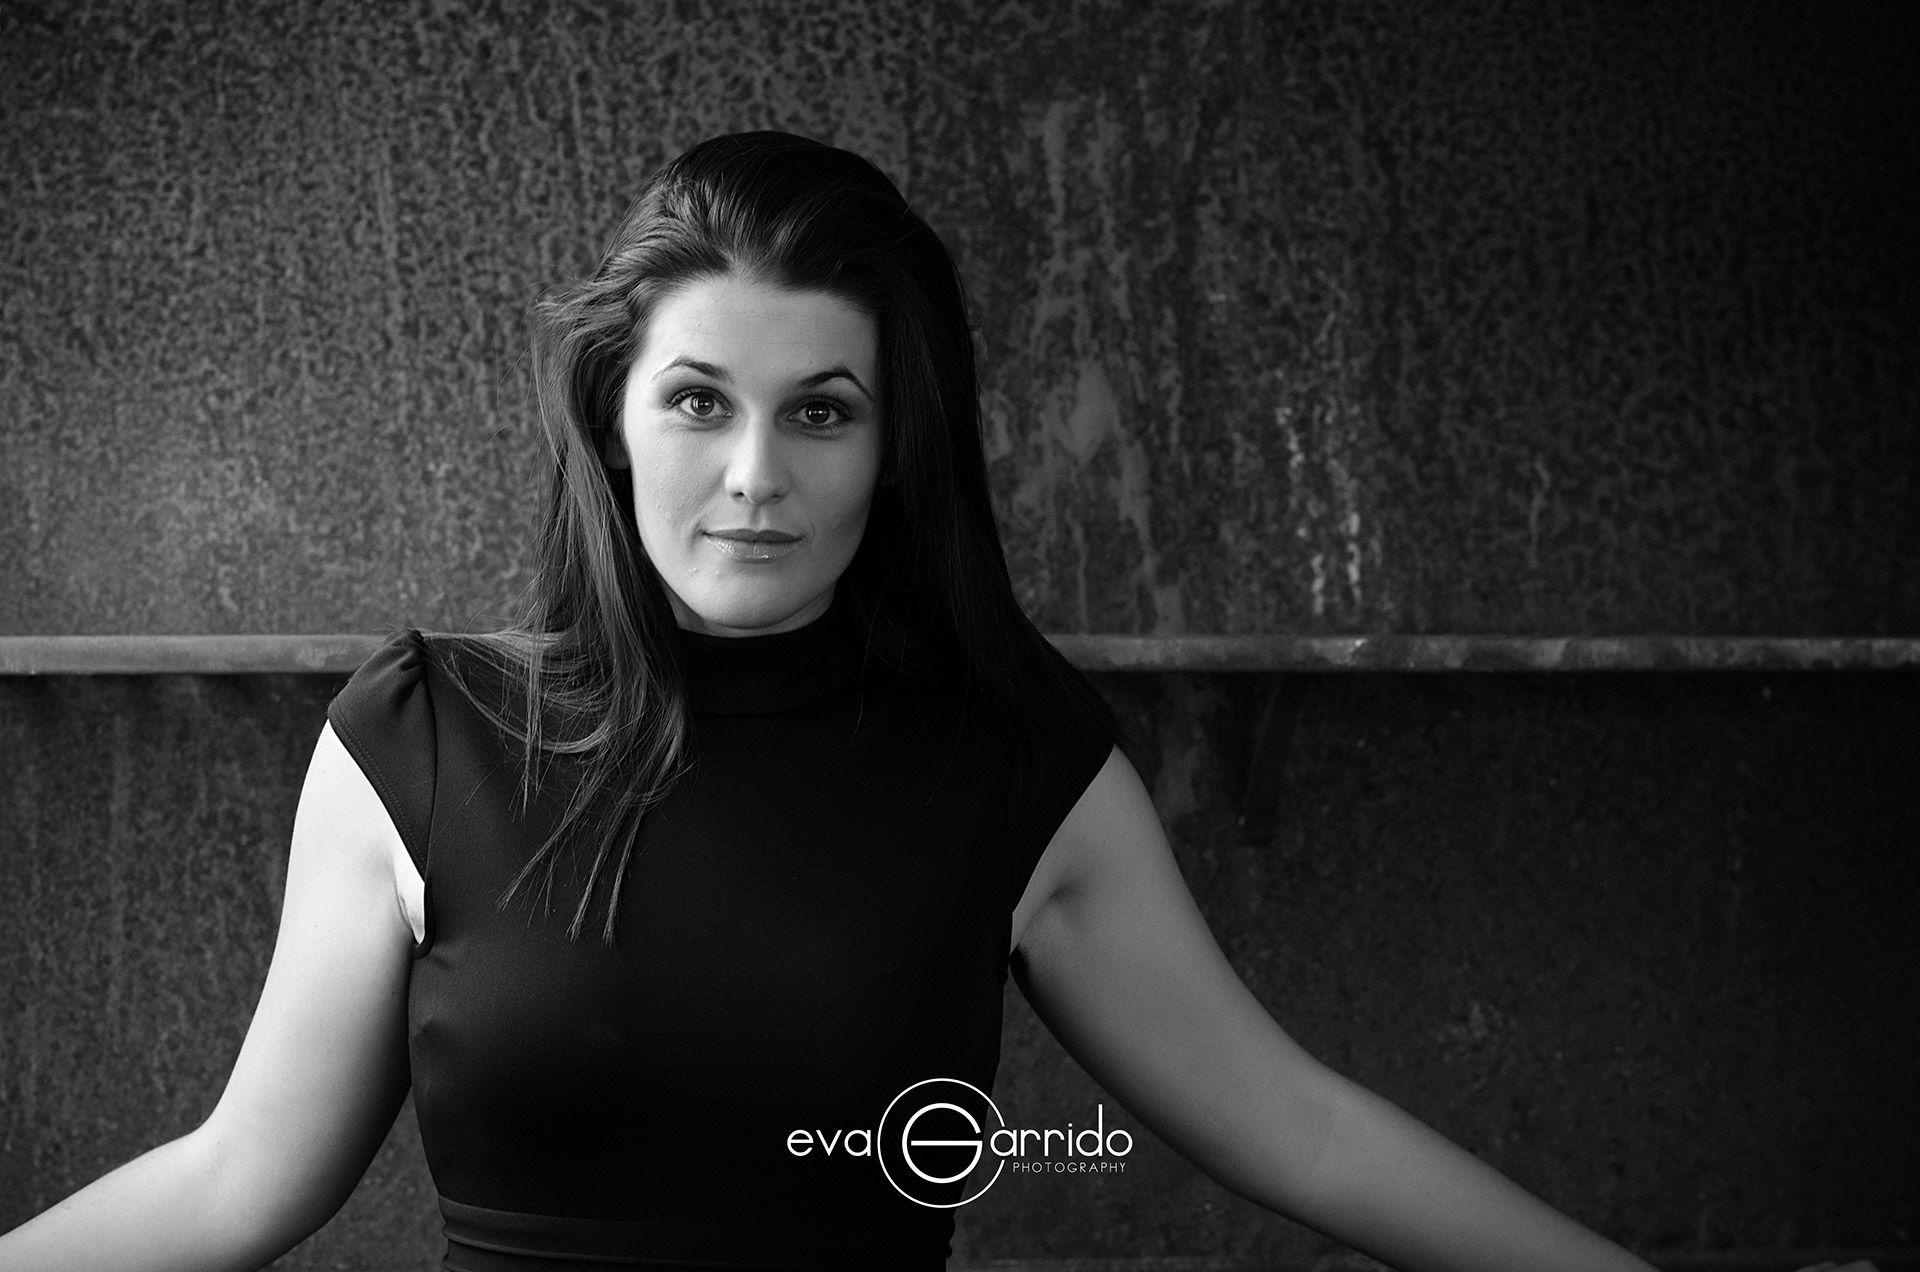 Book de fotos actores y actrices Madrid